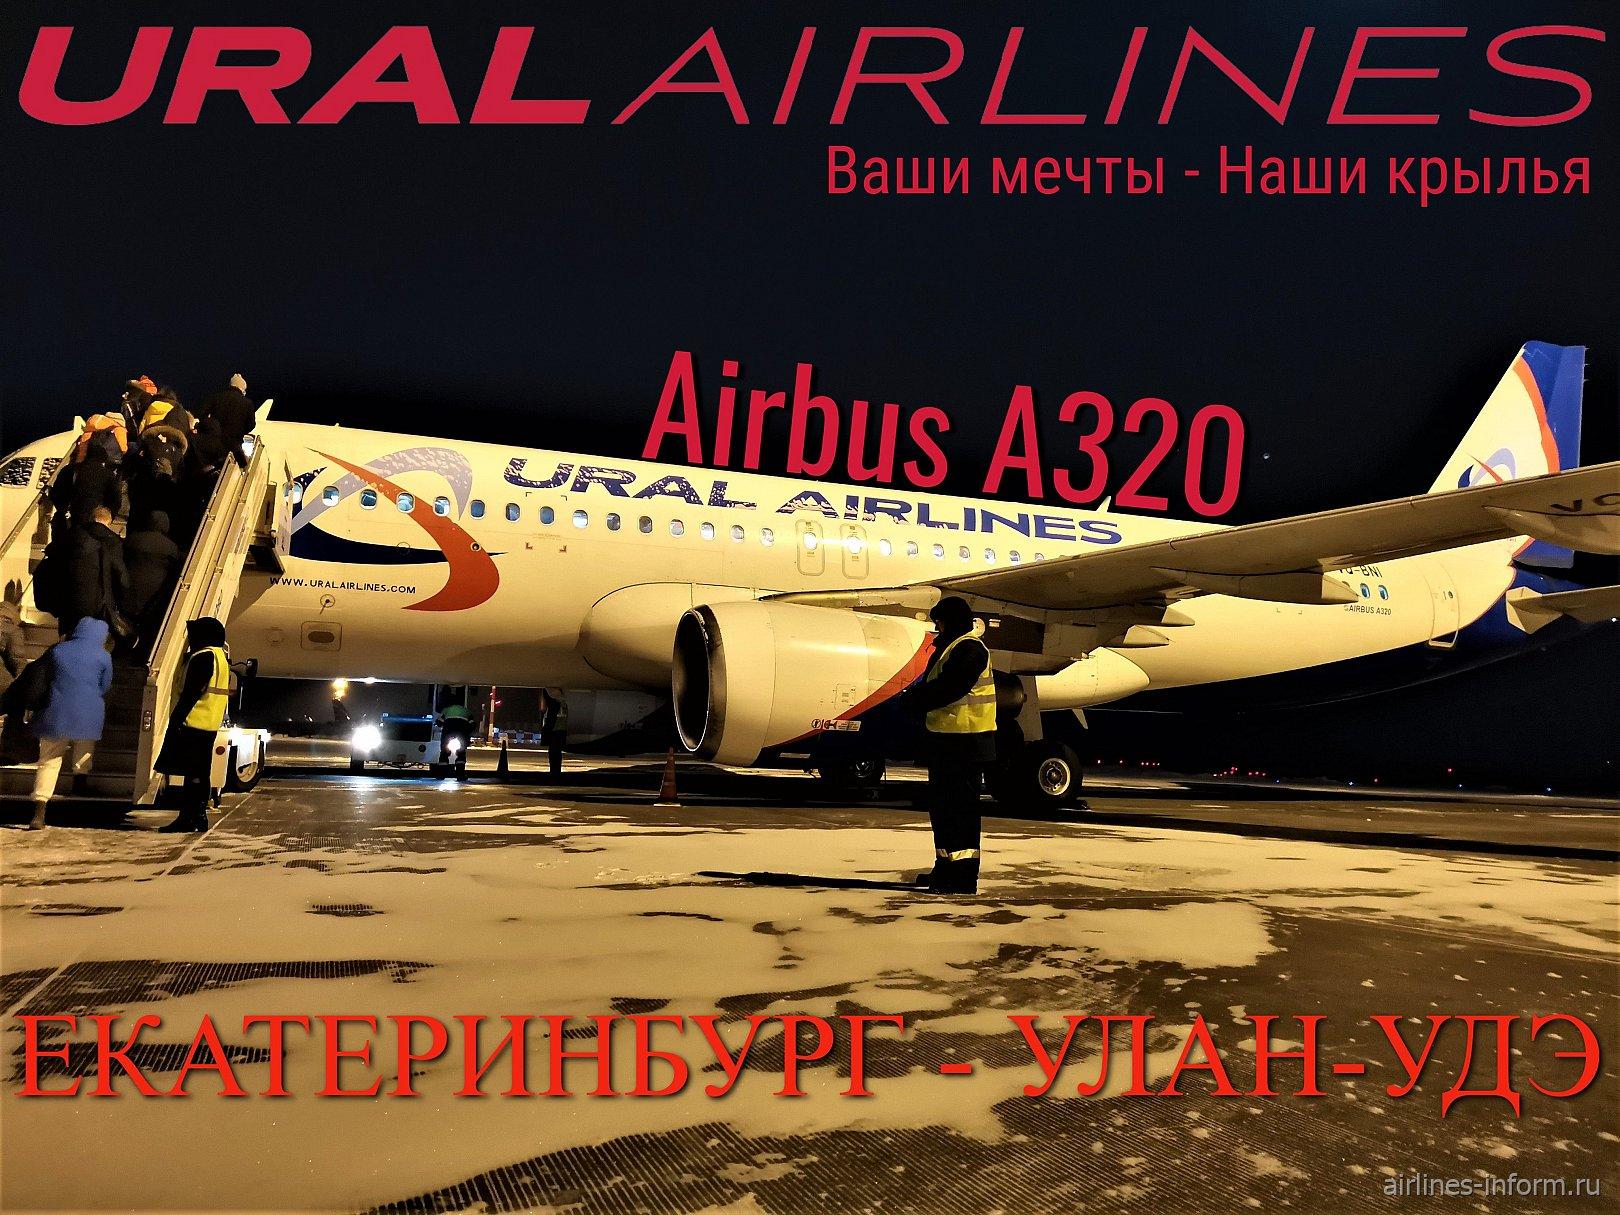 Уральские авиалинии: Екатеринбург - Улан-Удэ. TUI